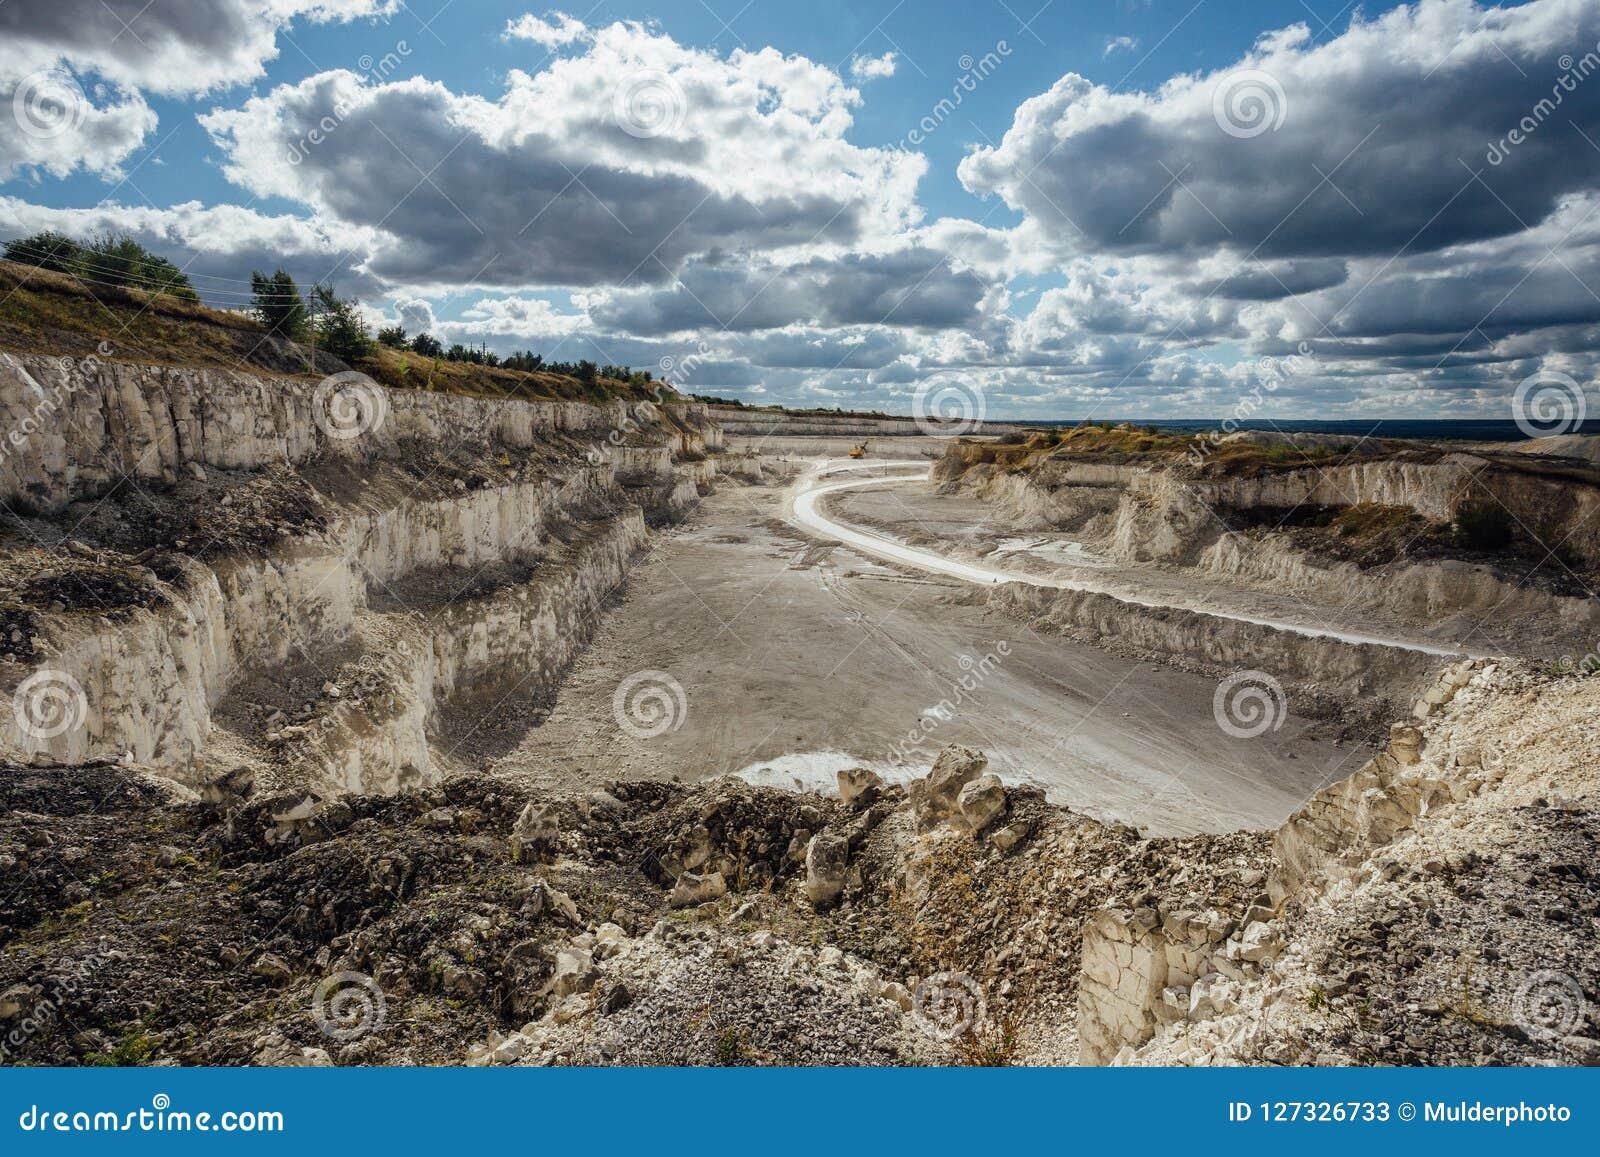 Mina Cretacea De La Explotacion Minera A Cielo Abierto Vision Aerea